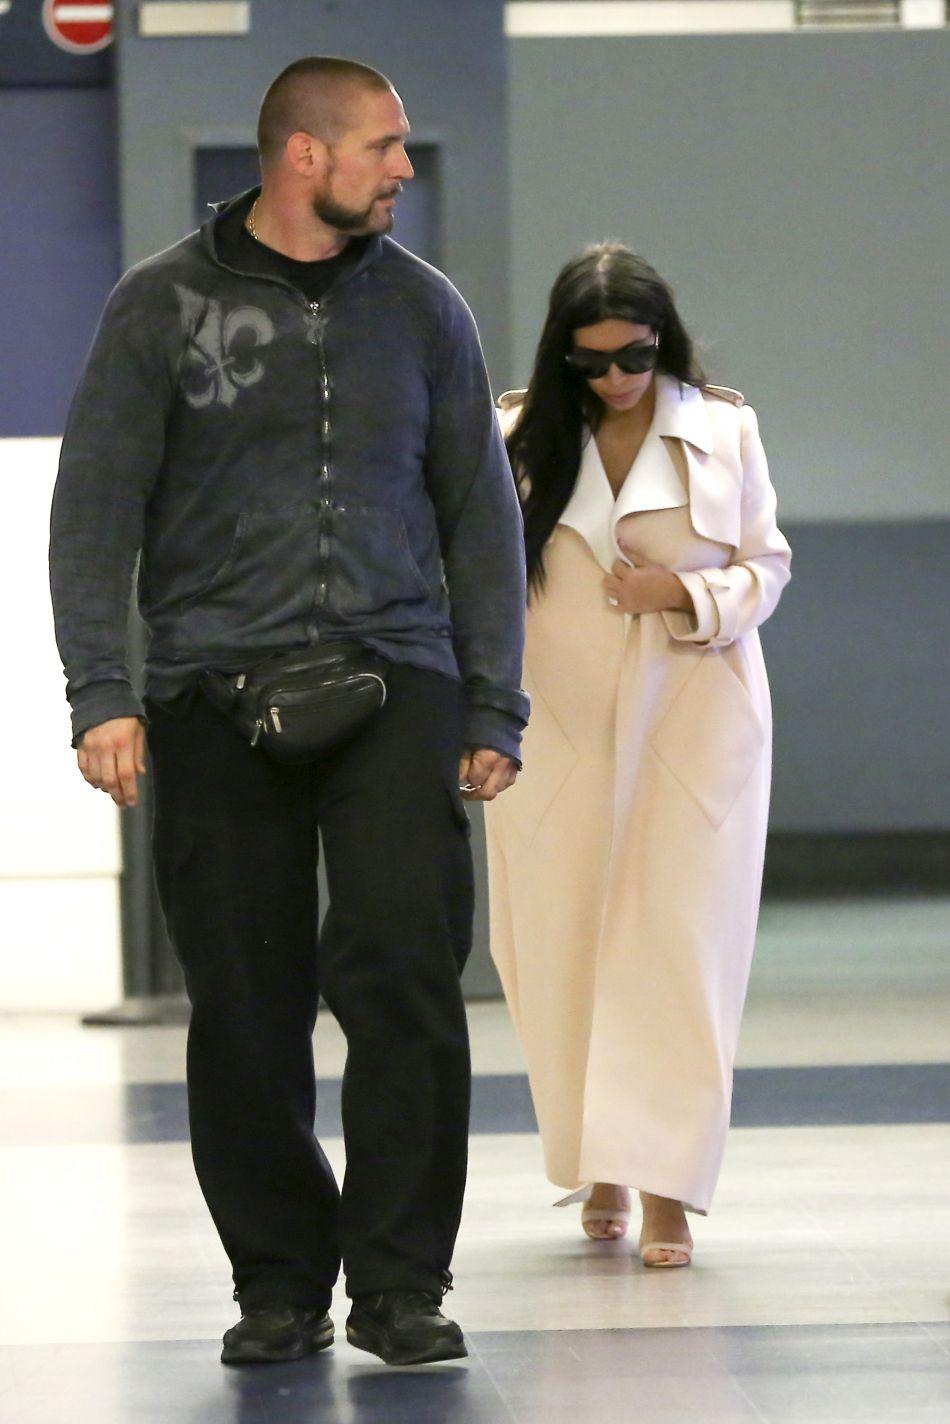 Kim Kardashian a été menacée d'une arme et ligotée. Son bodygard promet de la venger.